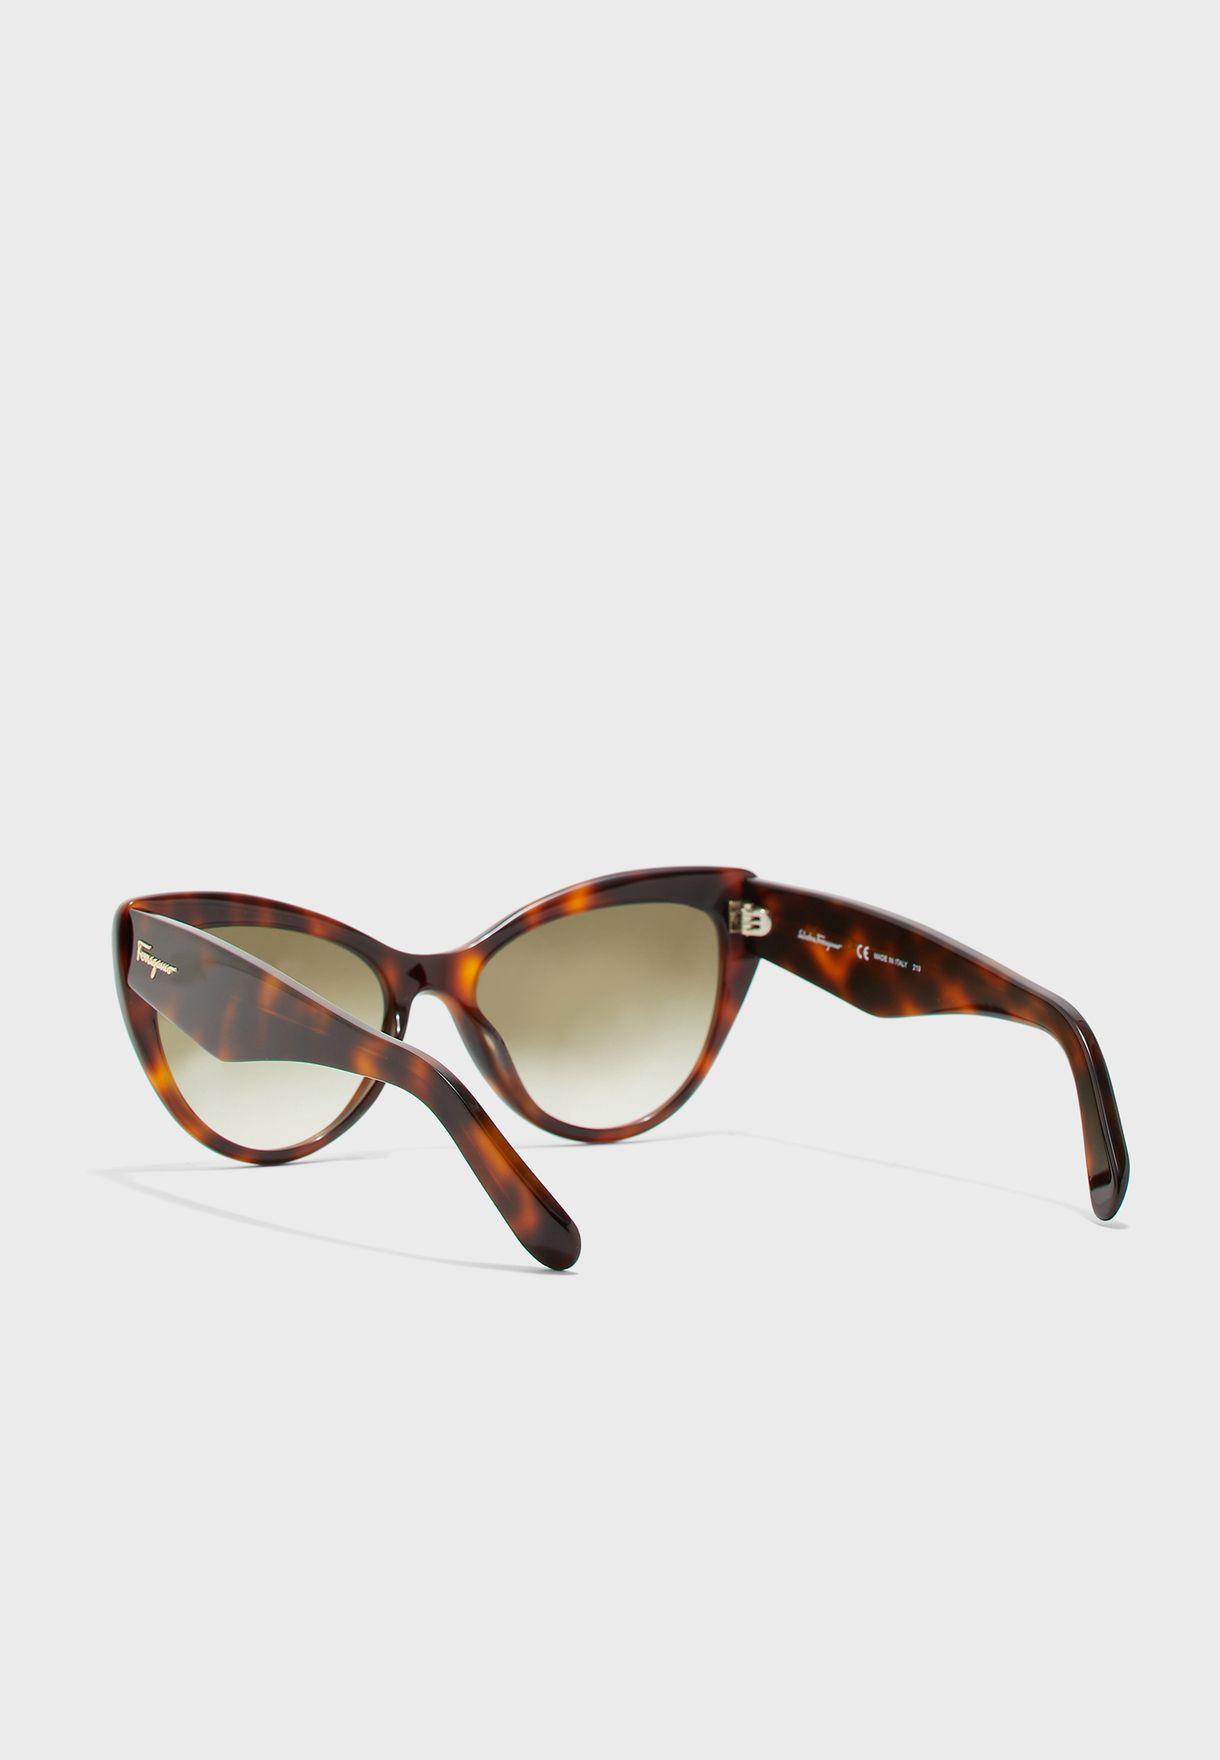 نظارات شمسية كبيرة بنمط عين القطة